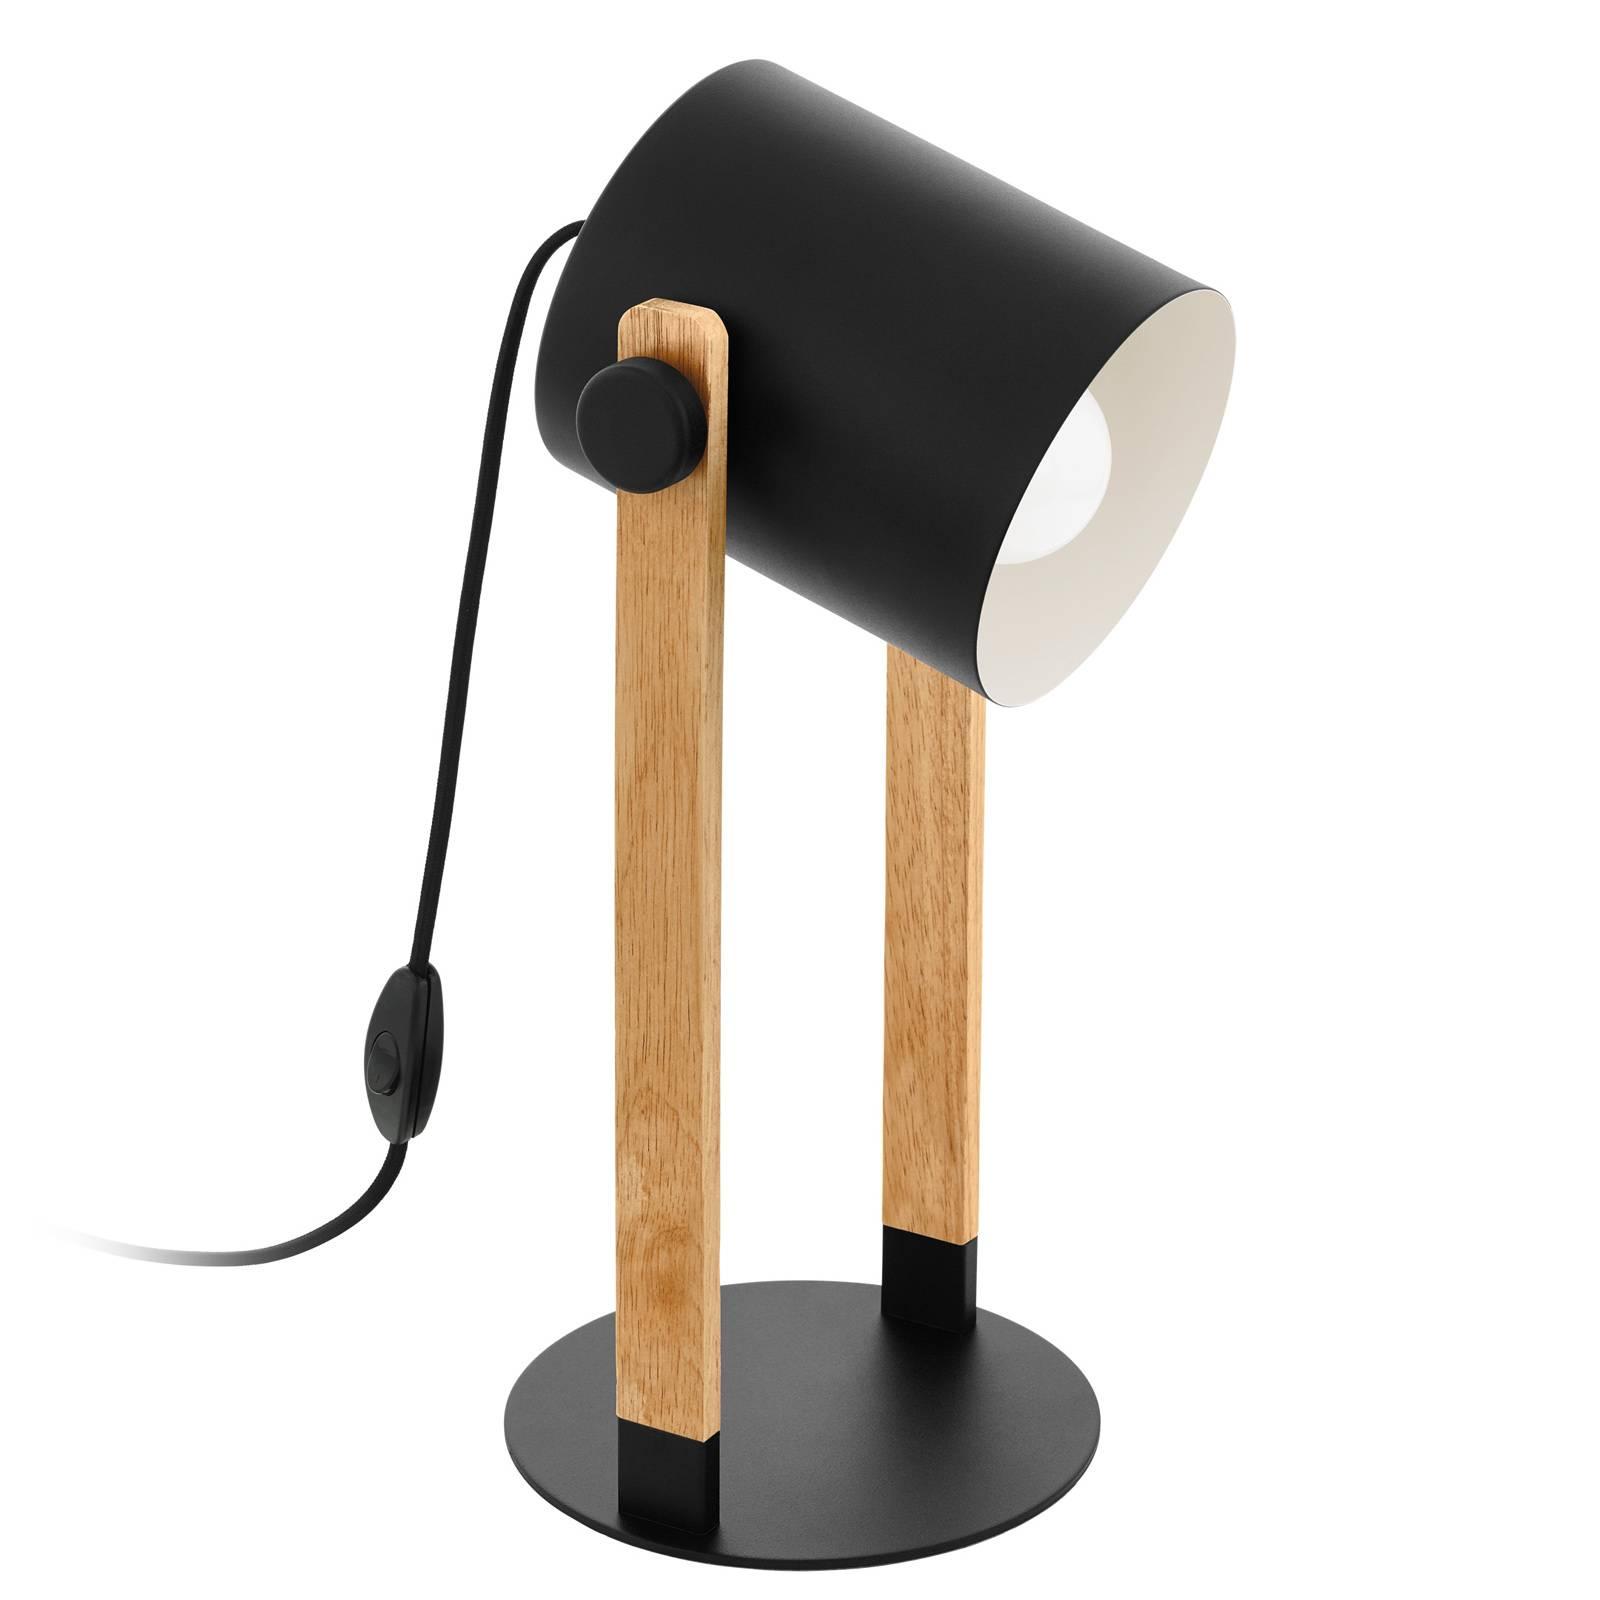 Lampe à poser Hornwood avec détails en bois